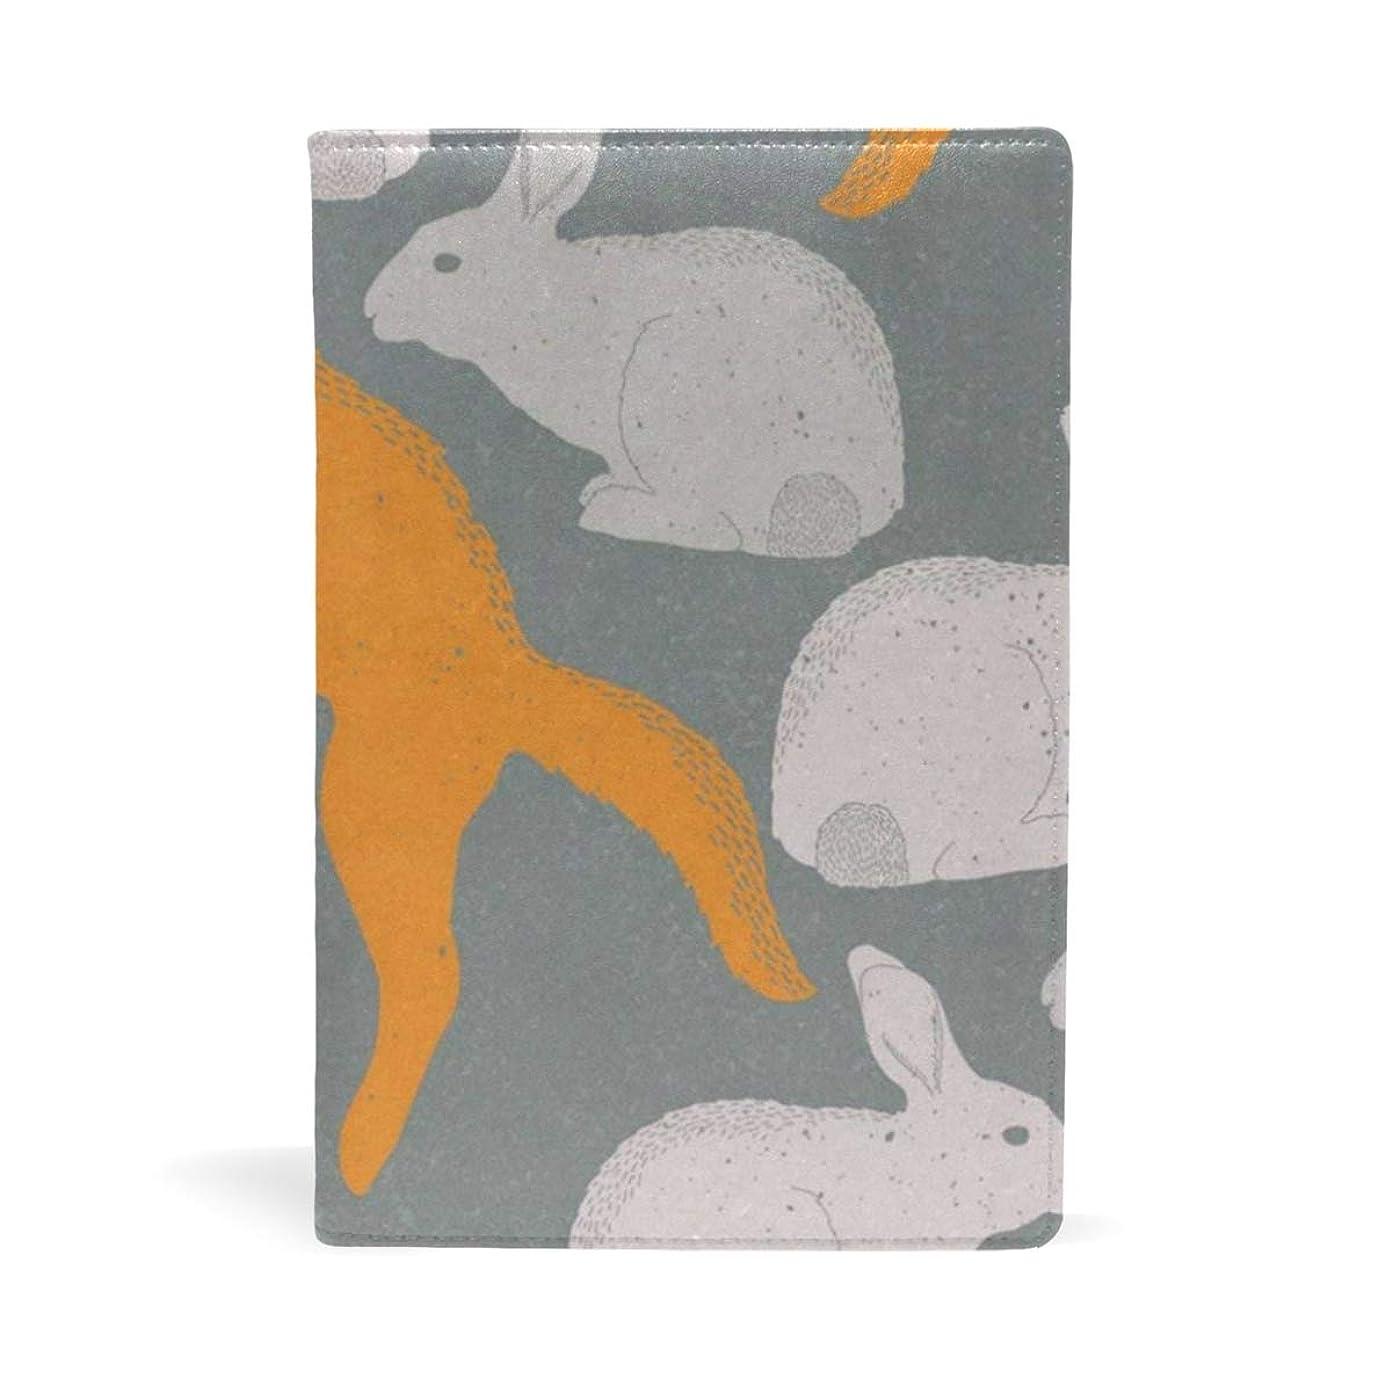 上記の頭と肩囲い昆虫ブックカバー 文庫 a5 皮革 レザー Rabbit Carrot 文庫本カバー ファイル 資料 収納入れ オフィス用品 読書 雑貨 プレゼント